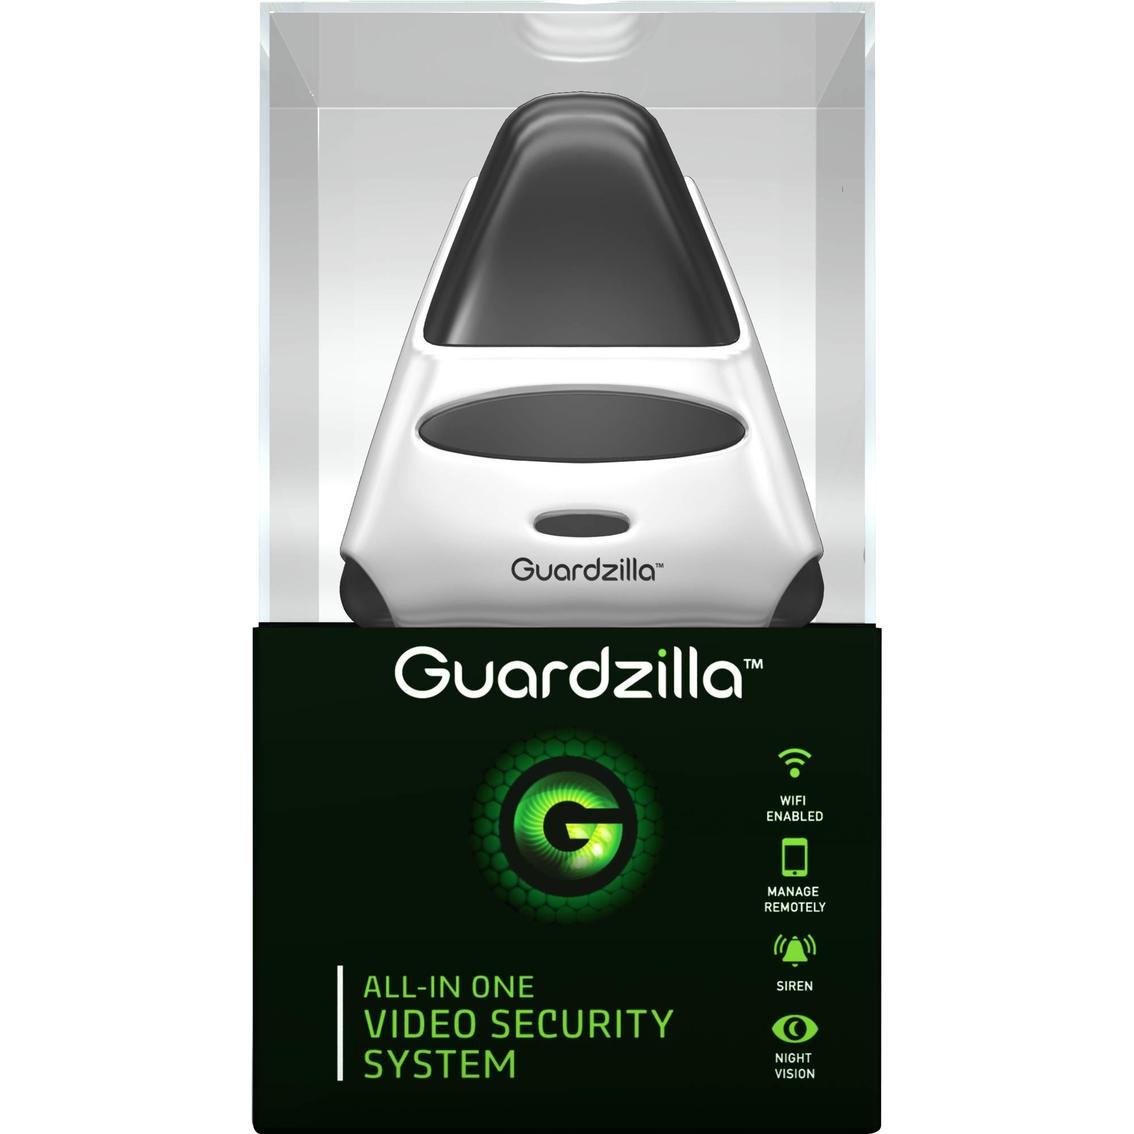 Guardzilla Wireless Security System